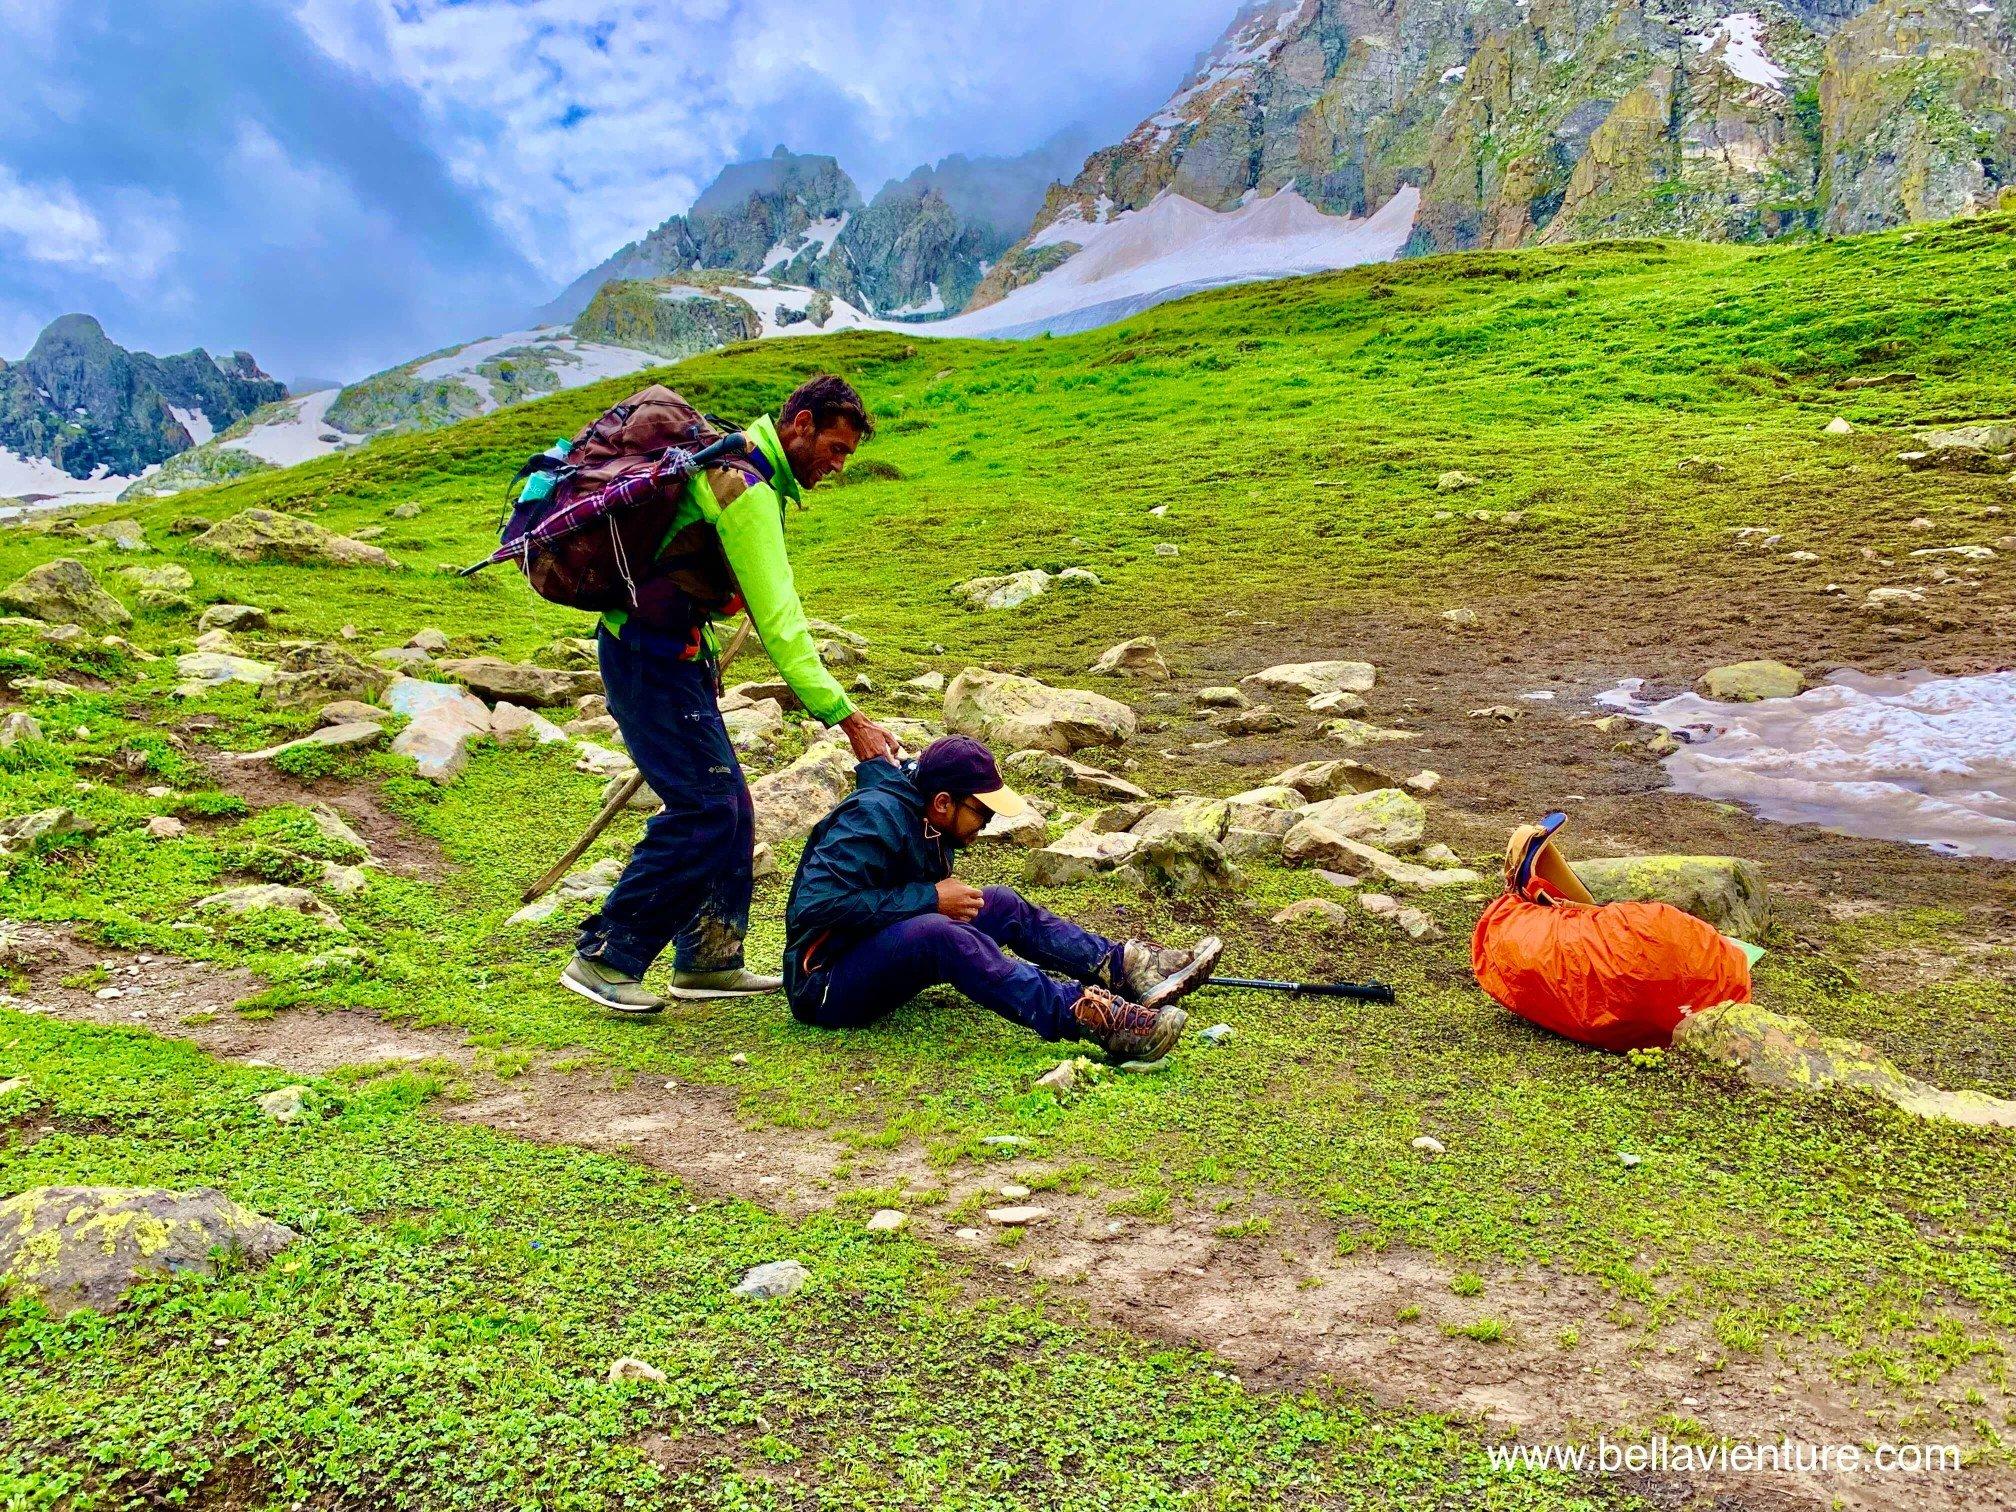 印度 India 北北印 North India 喀什米爾  Kashmir 八天七夜 健行 導遊與健行客